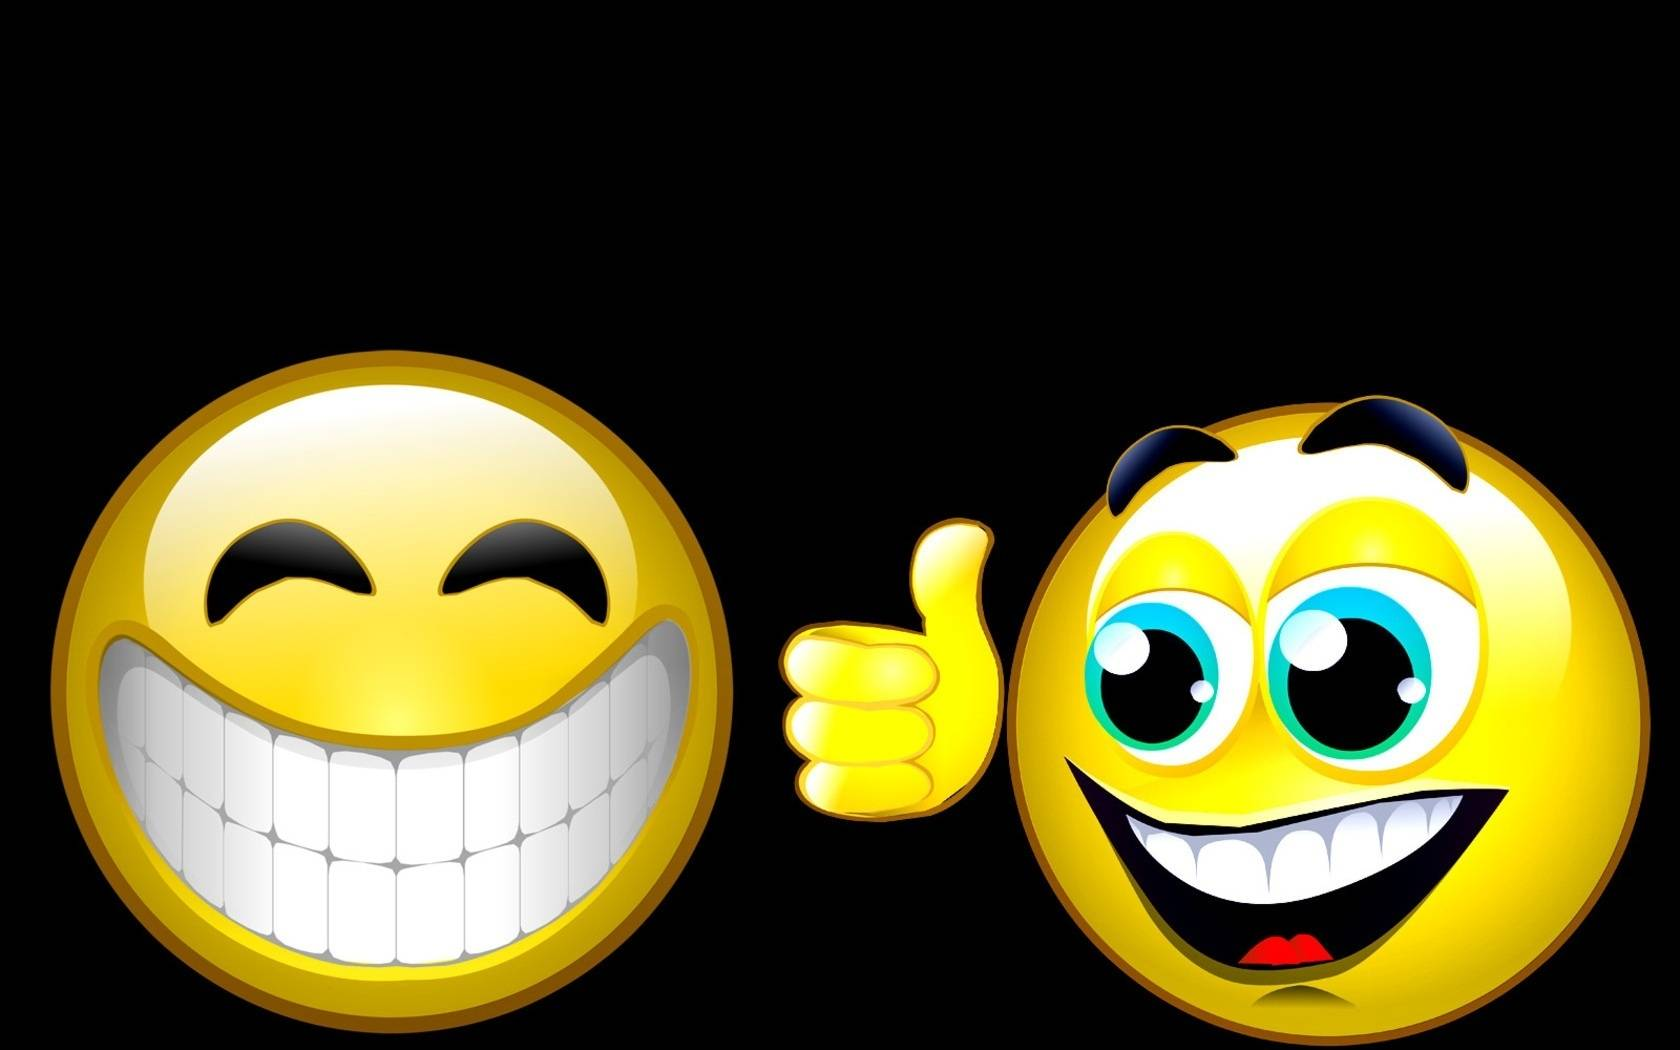 жирная картинки с изображением смеха улыбки важно какая